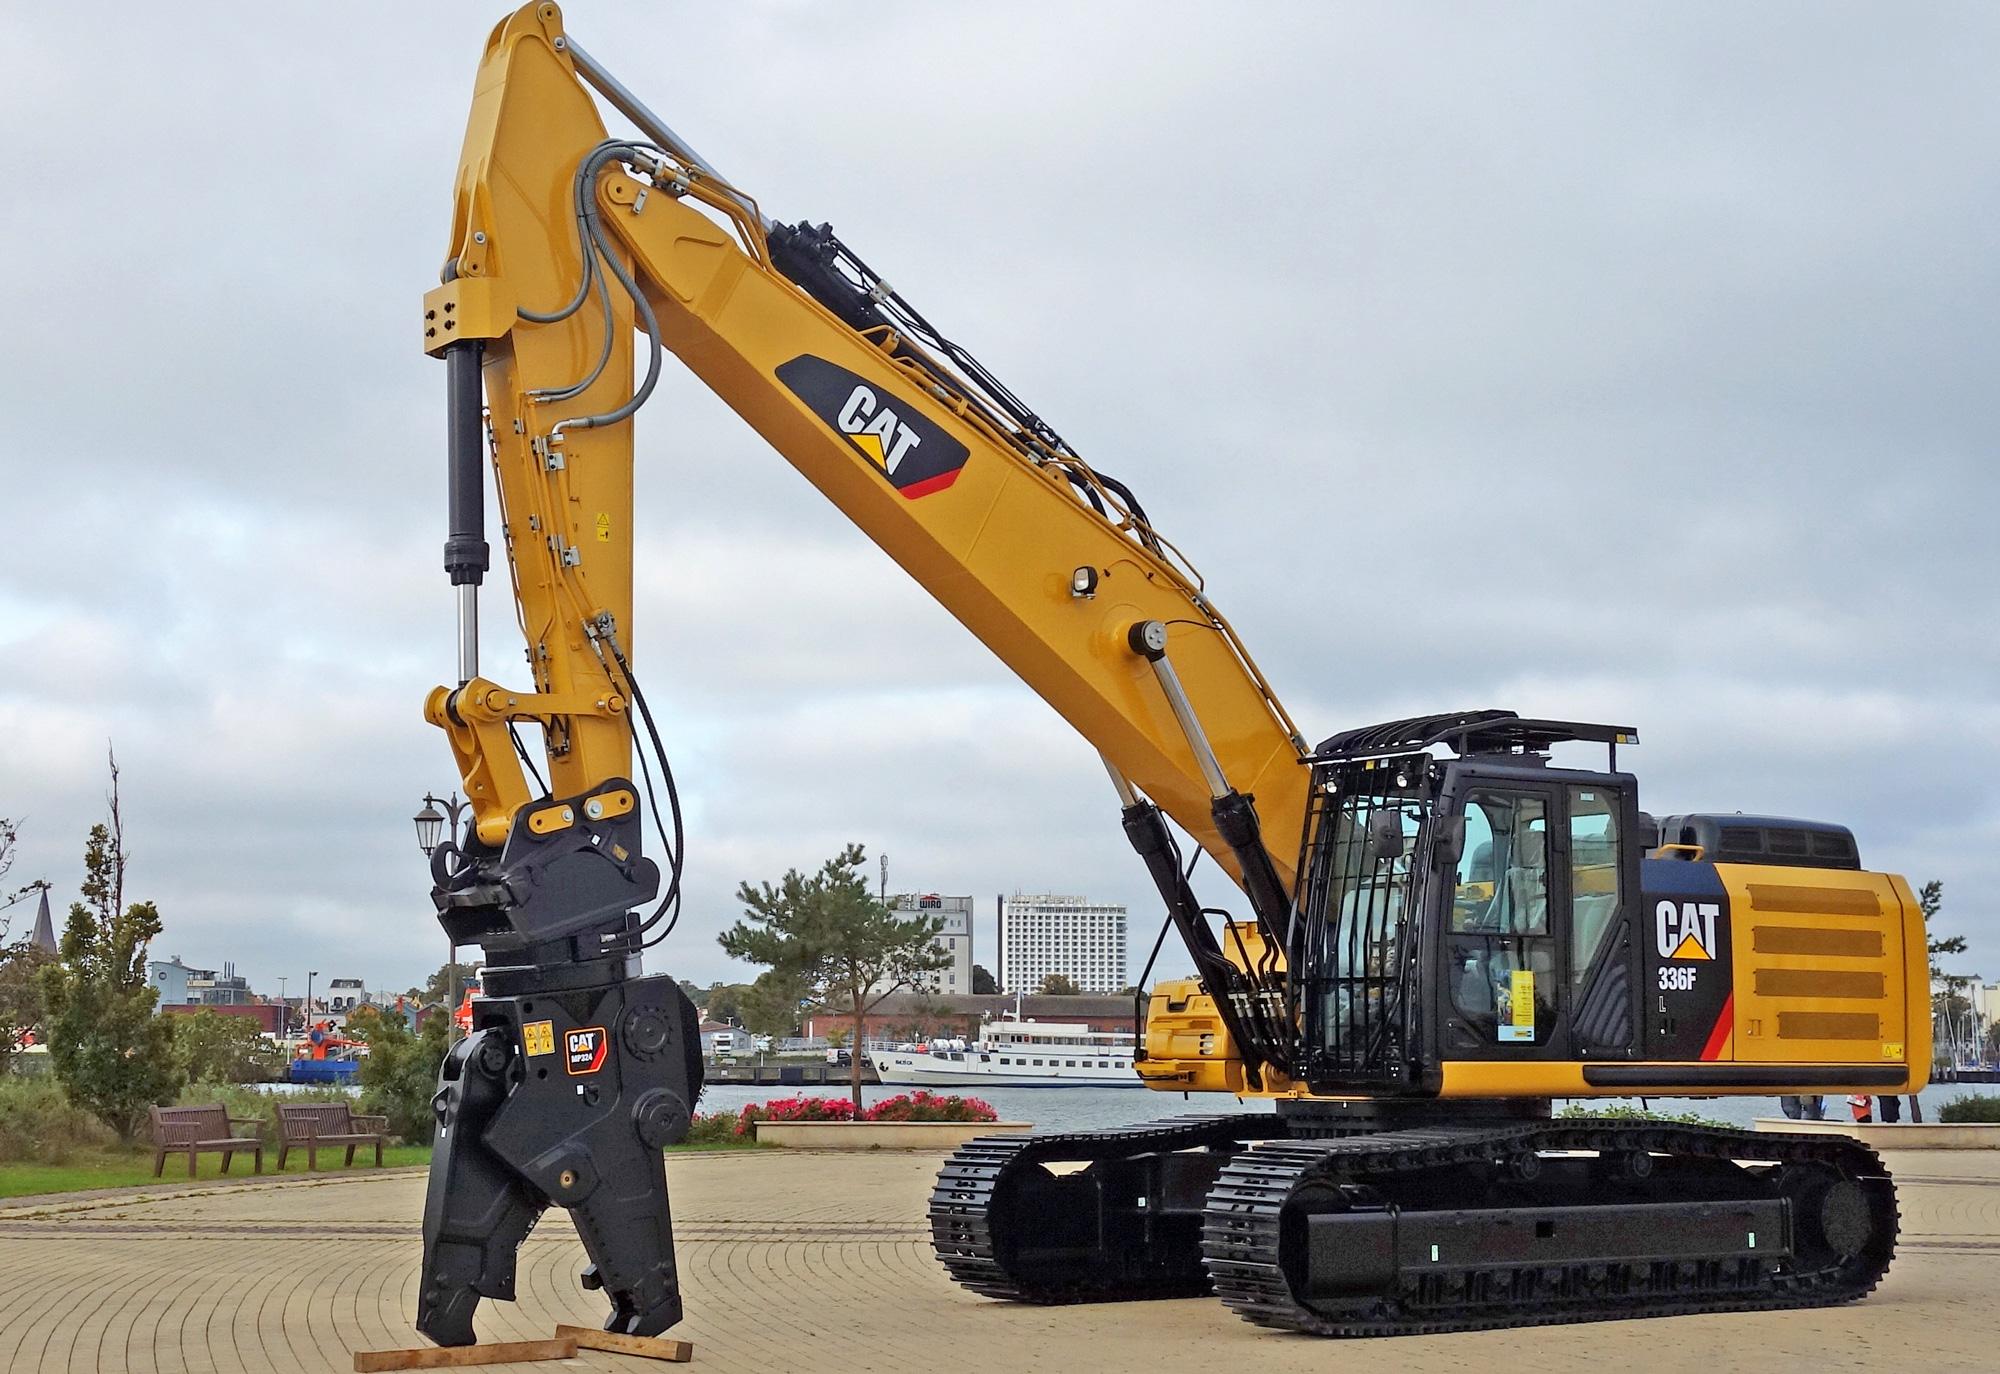 Der neue Cat 336F SB speziell für den Abbruch mit geradem Ausleger, mehr Kontergewicht und vielen anderen Ausstattungsmerkmalen.